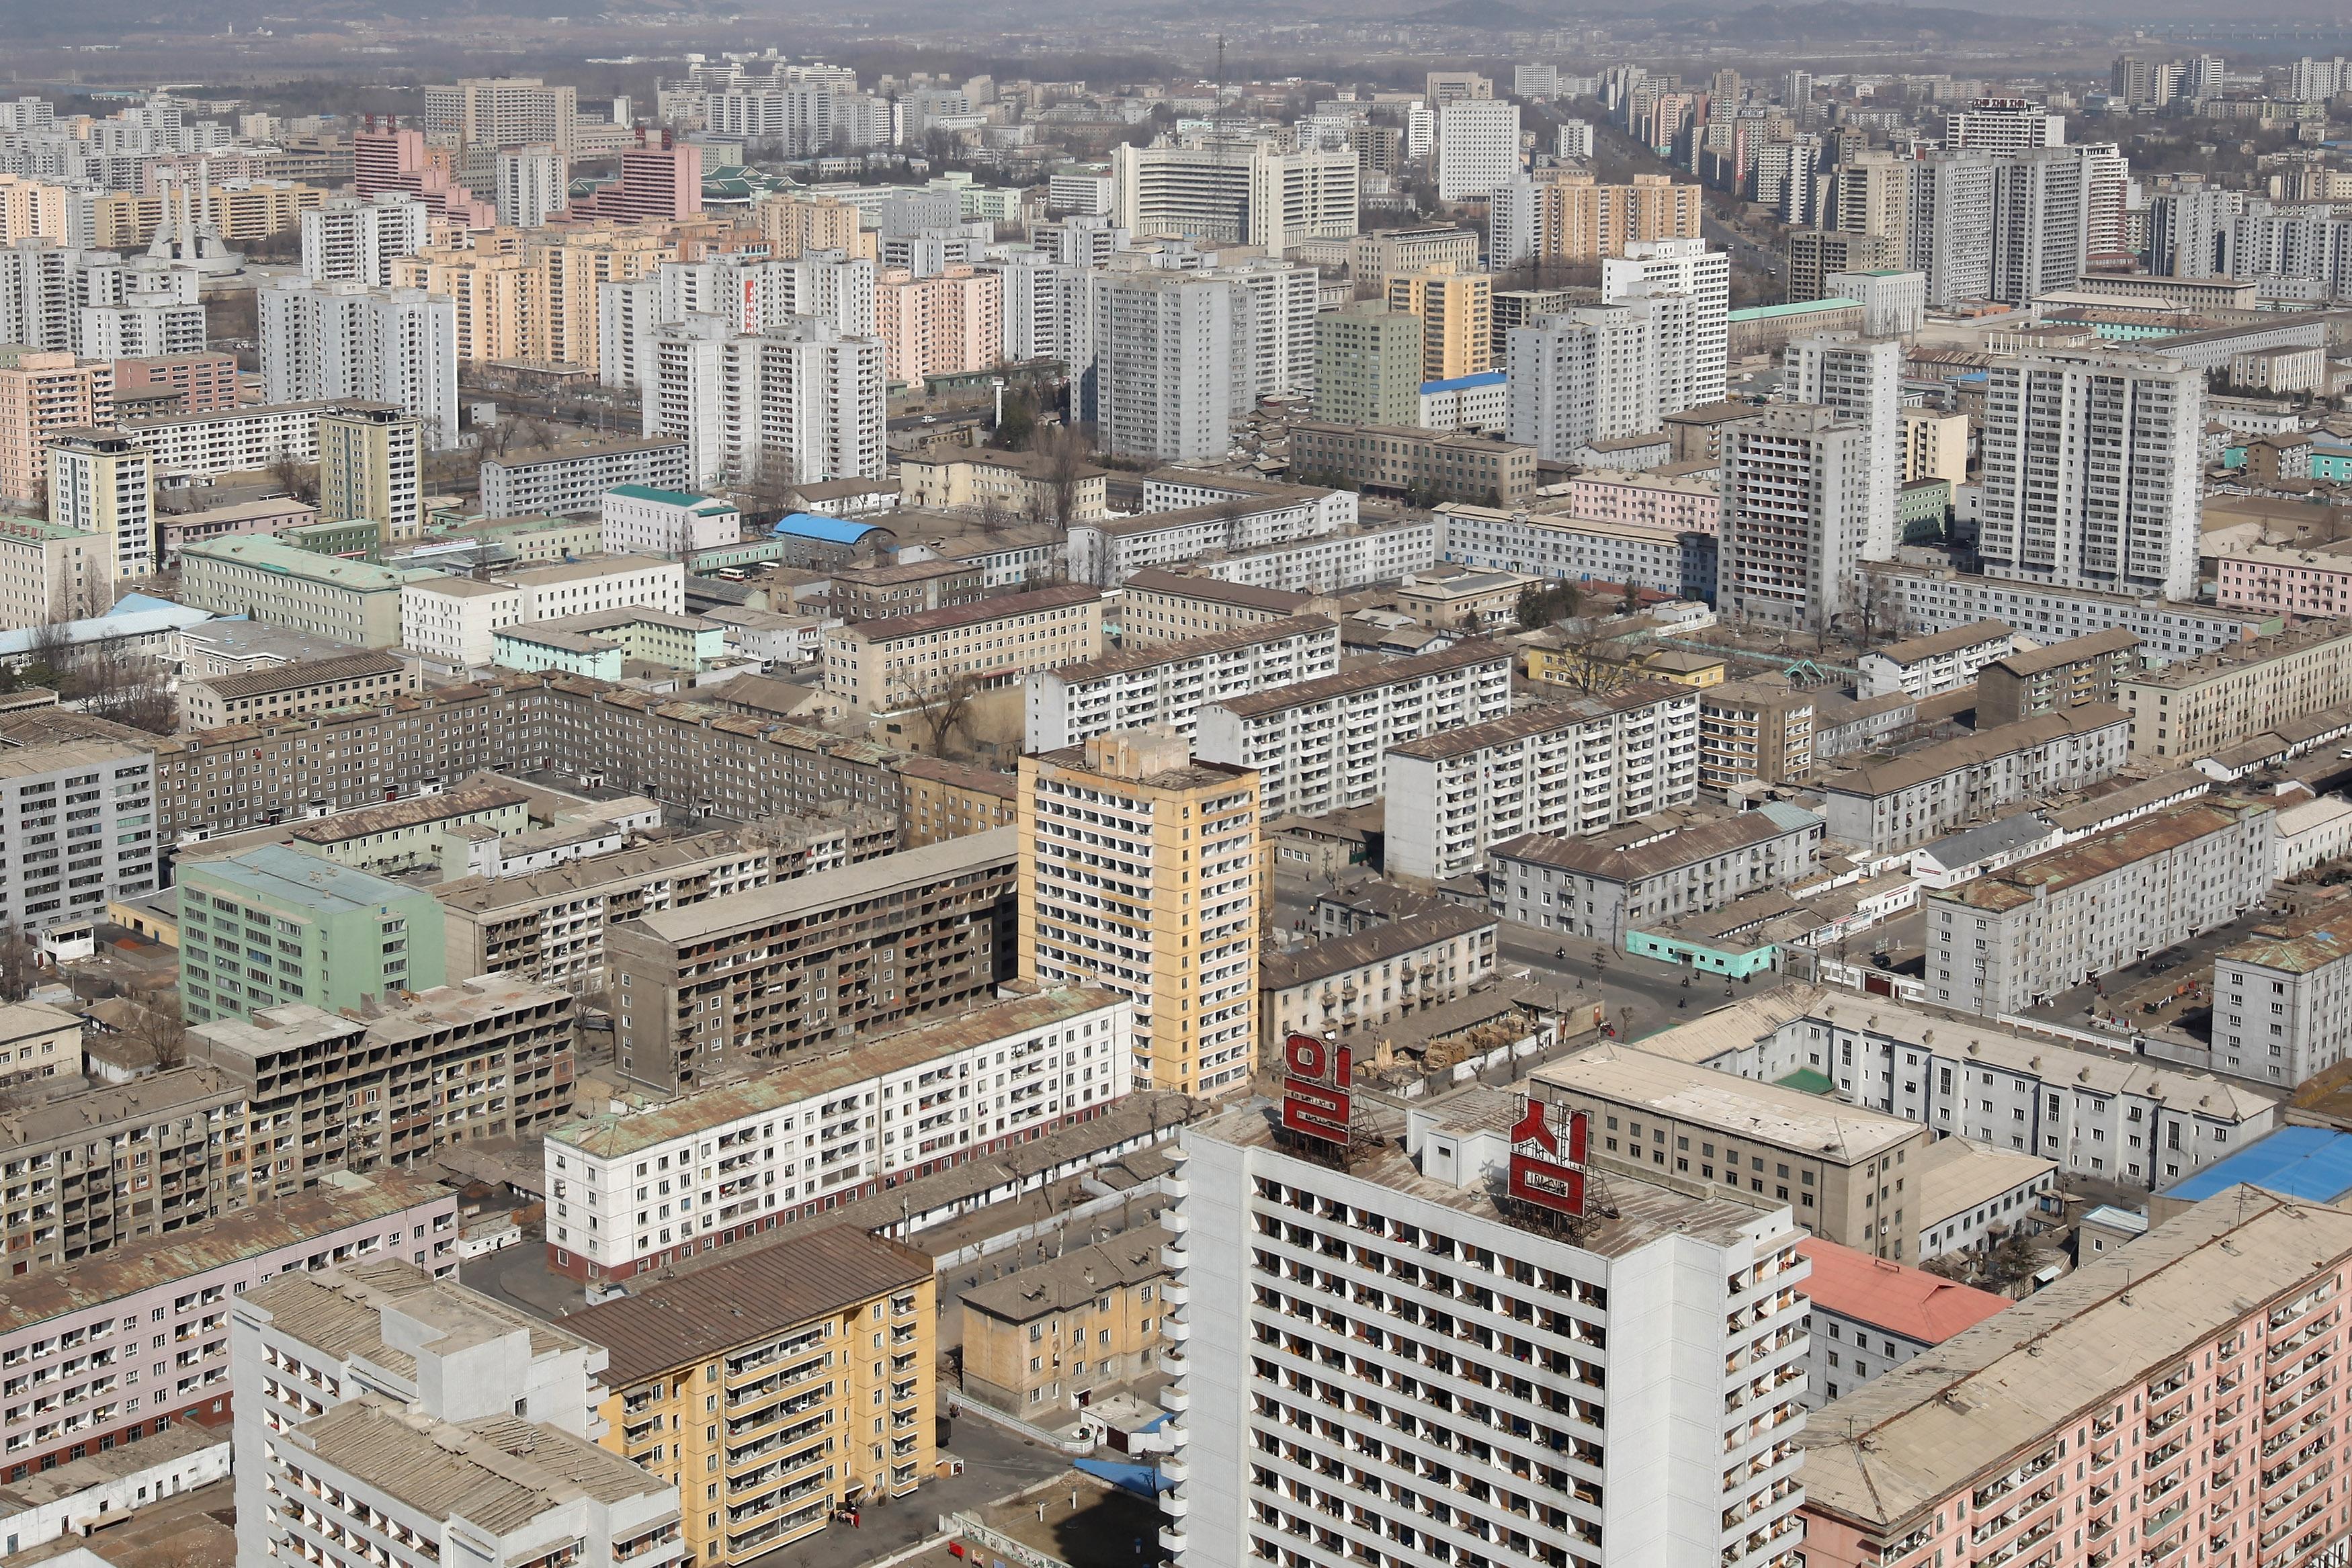 Северна Корея е страна, където живеят и се трудят обикновени хора, и тяхното ежедневие всъщност не е много по-различно от това в държавите от бившия съветски блок в Европа, преди падането на тоталитарните режими в тях.